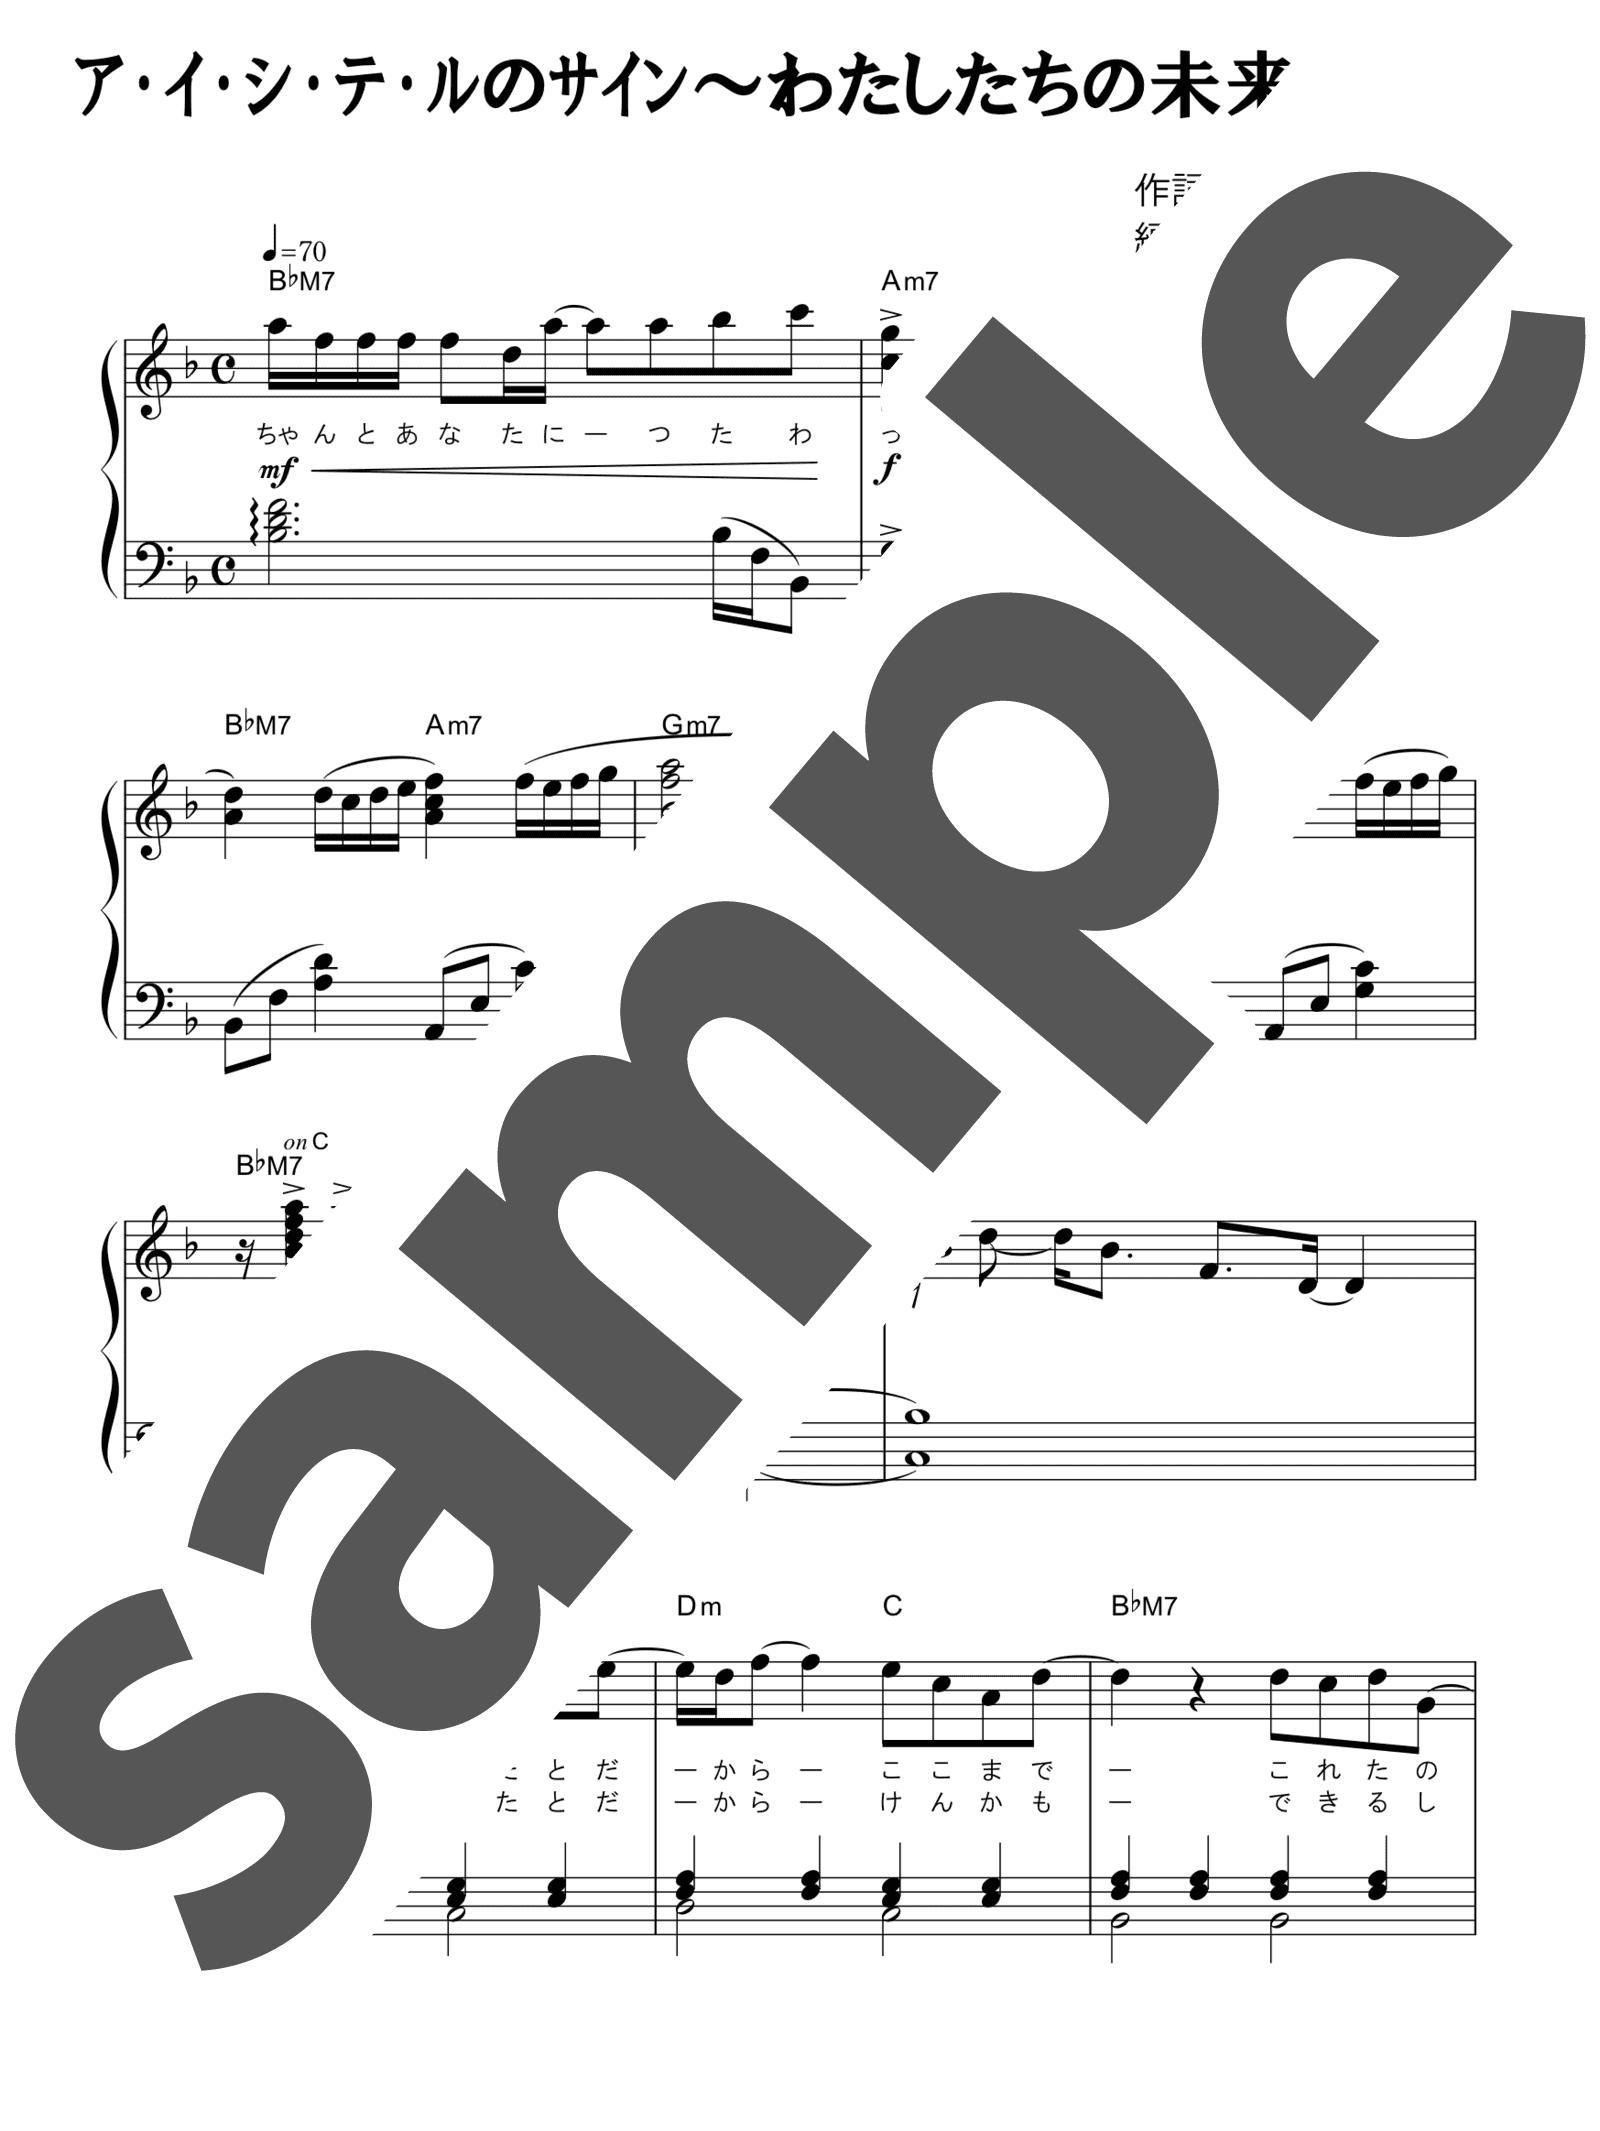 「ア・イ・シ・テ・ルのサイン ~わたしたちの未来予想図~」のサンプル楽譜